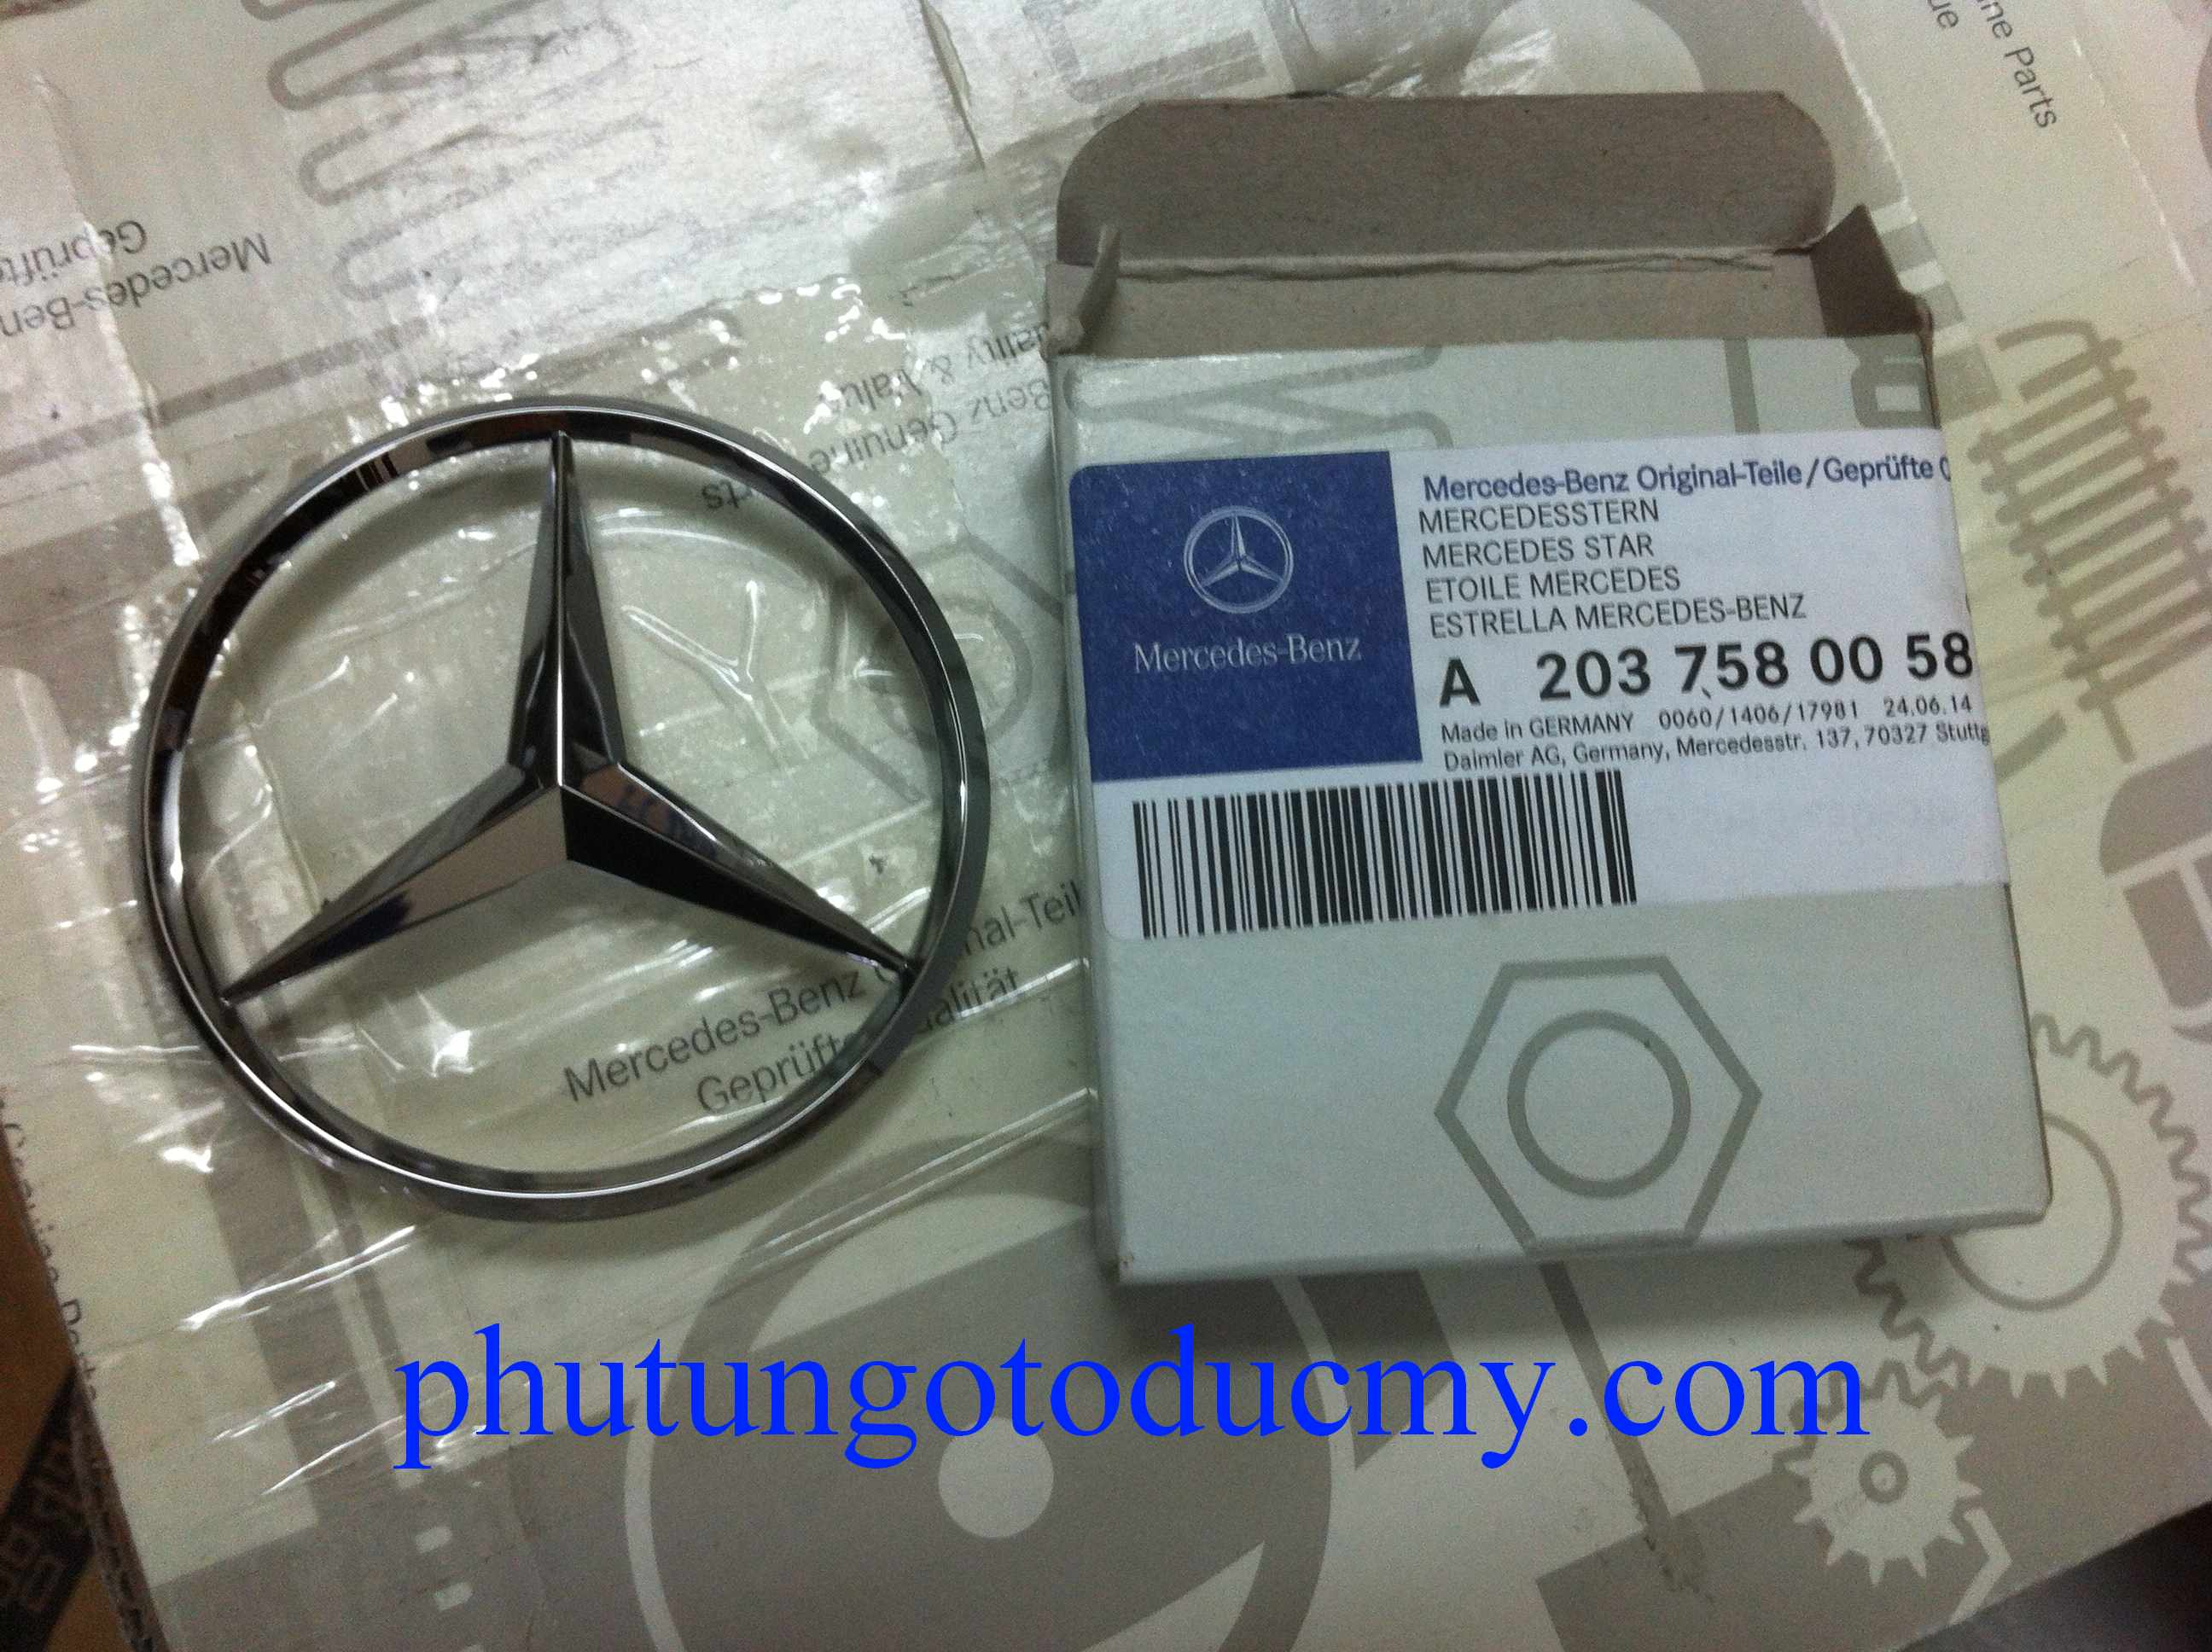 Logo cốp sau Mercedes C,E,S,GLK,GL class- A2037580058